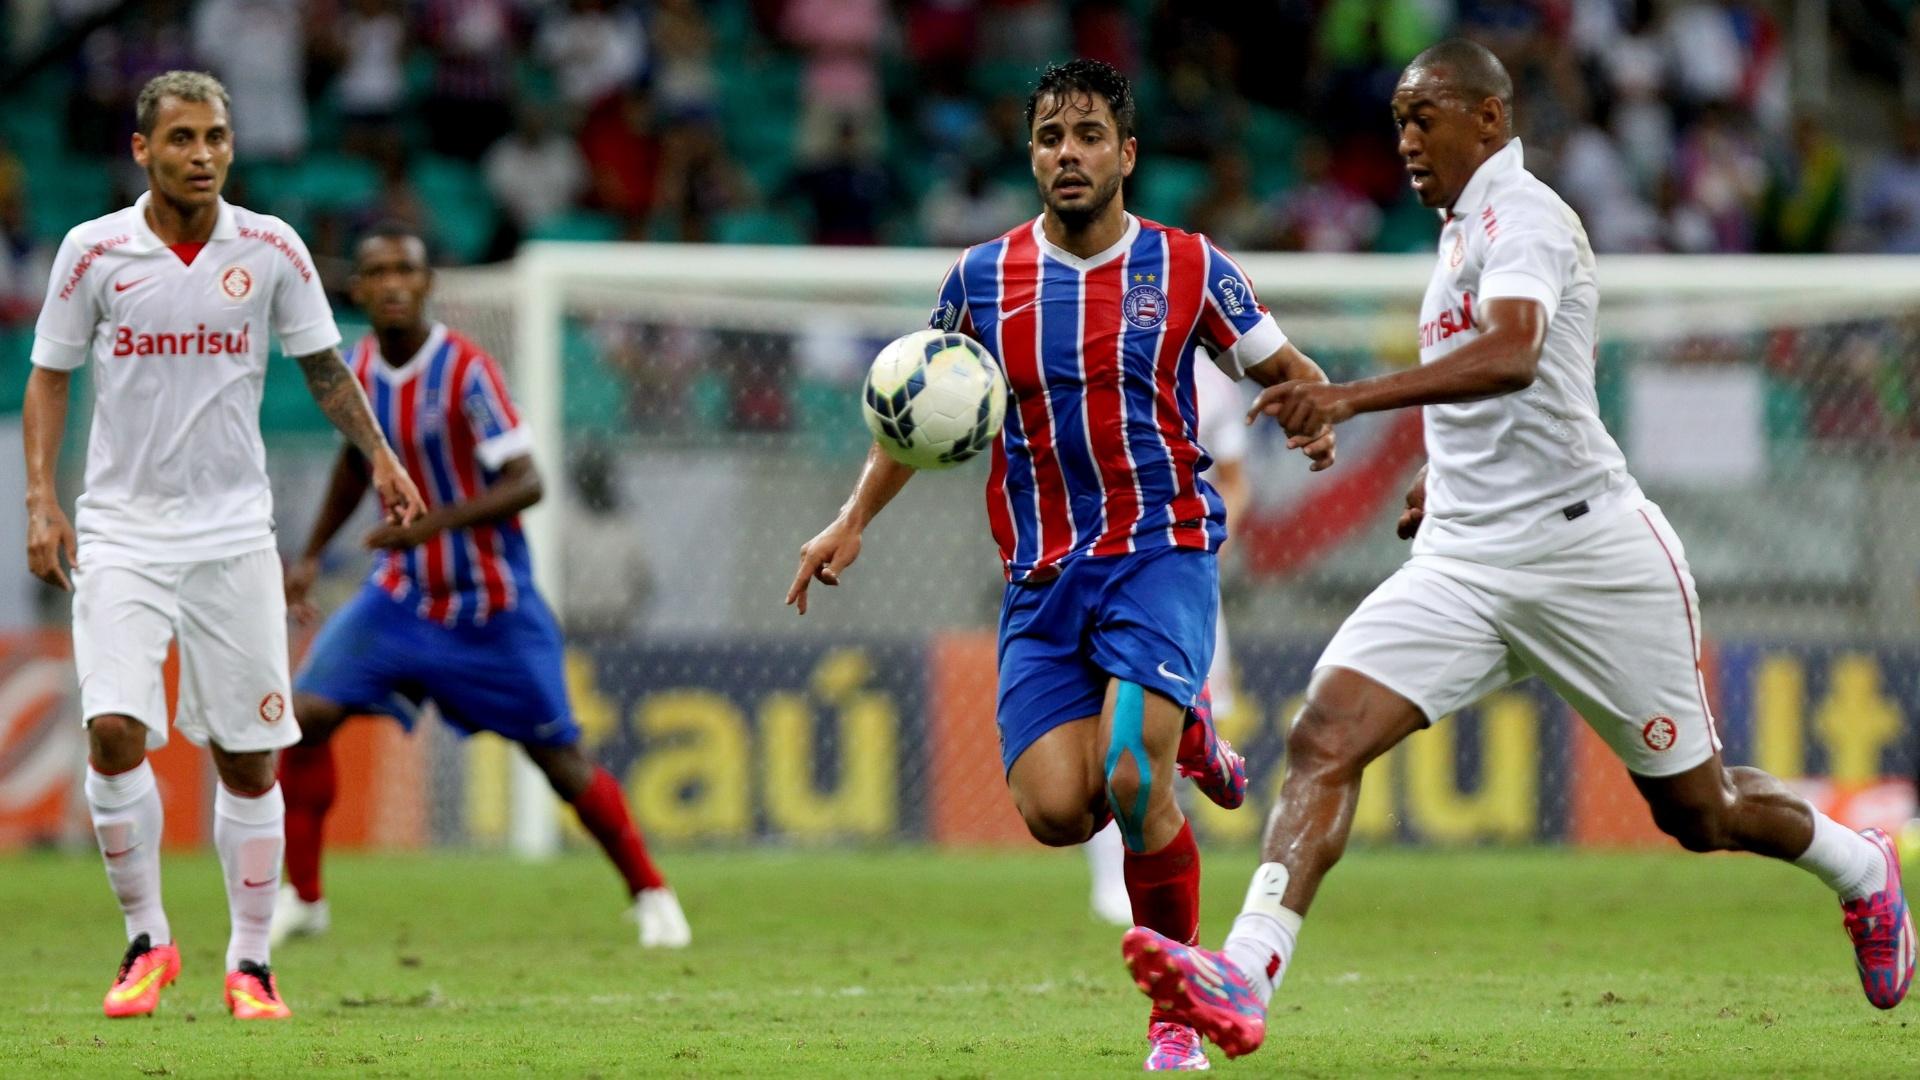 Lateral Fabrício, do Inter, disputa bola com o atacante Henrique, do Bahia, em partida na Arena Fonte Nova